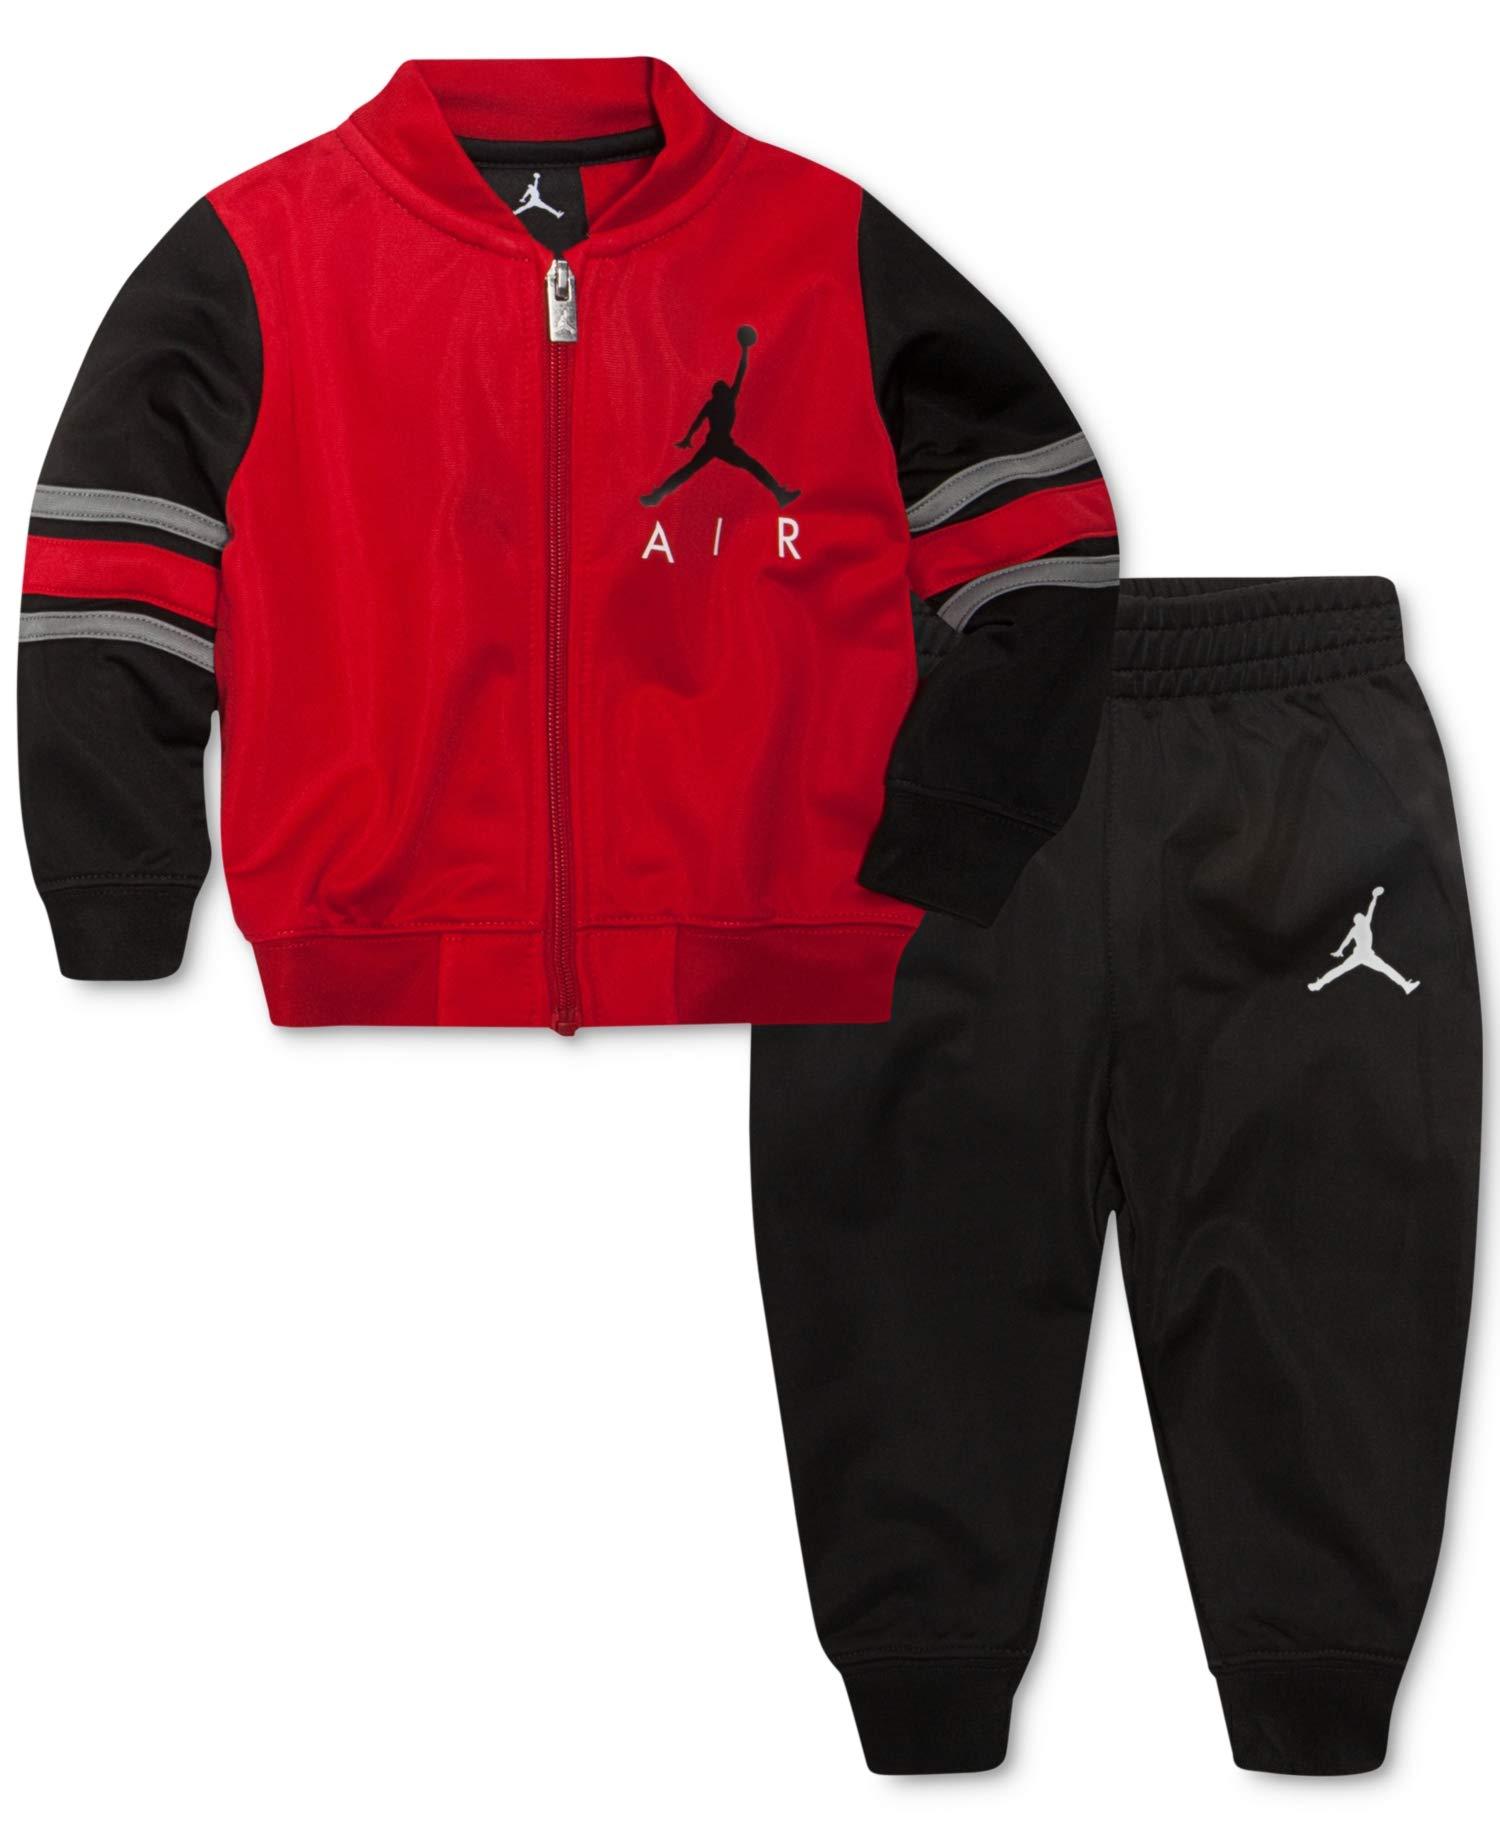 Jordan Nike Boy`s 2-Piece Tricot Jacket & Pants Set (Black(854896-KR5)/Gym Red, 2T) by Jordan